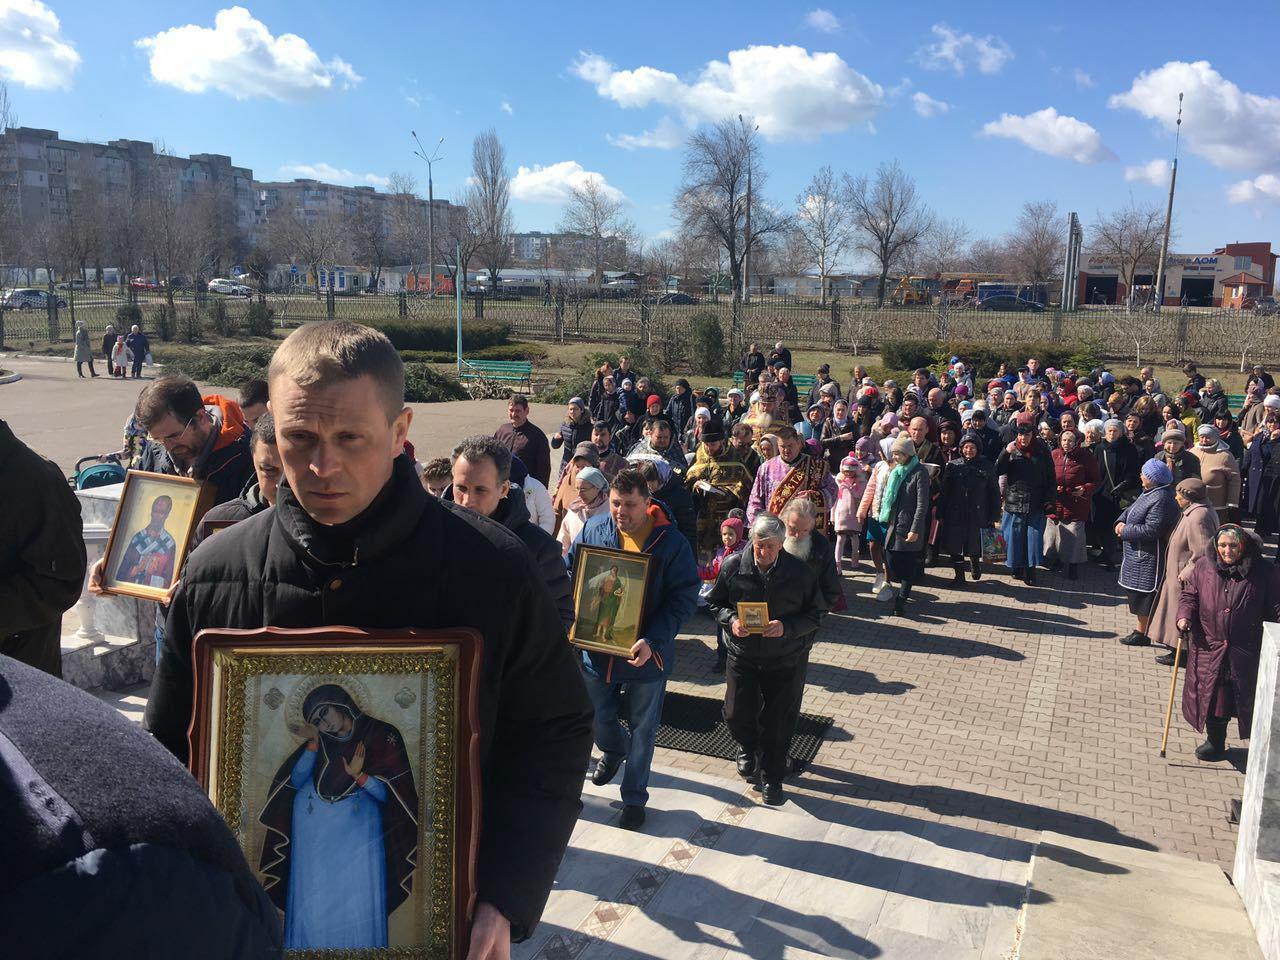 17 марта 2019 года, прошли крестные хода в Южненском благочинии